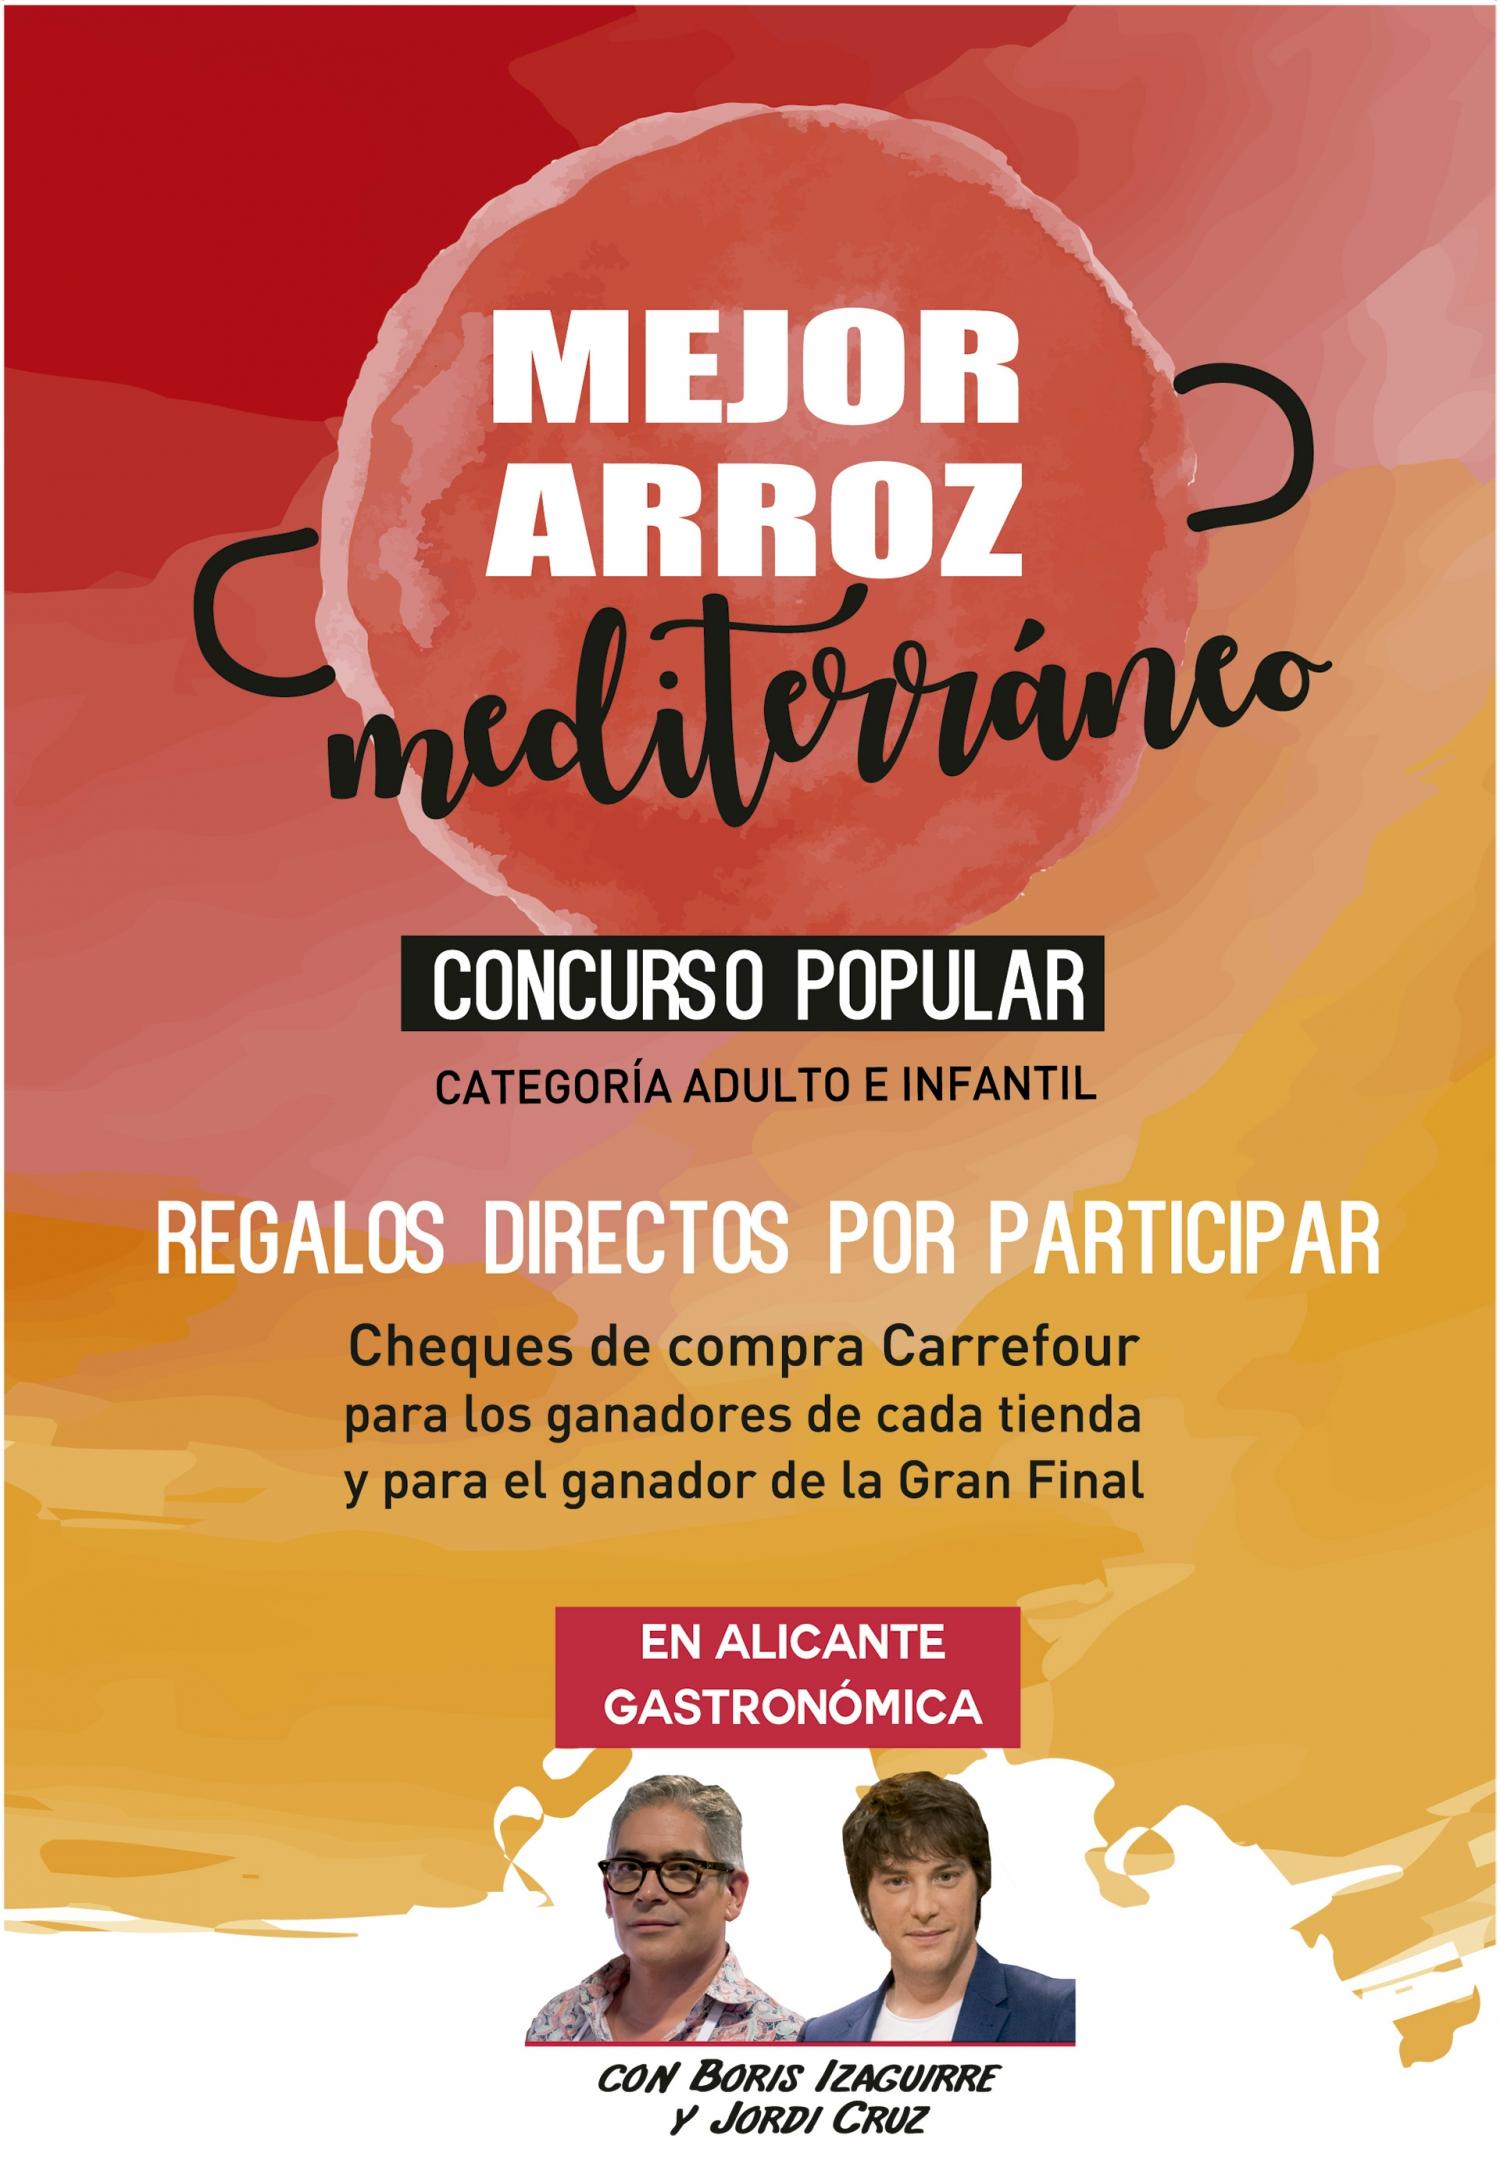 Alicante Gastronómica II